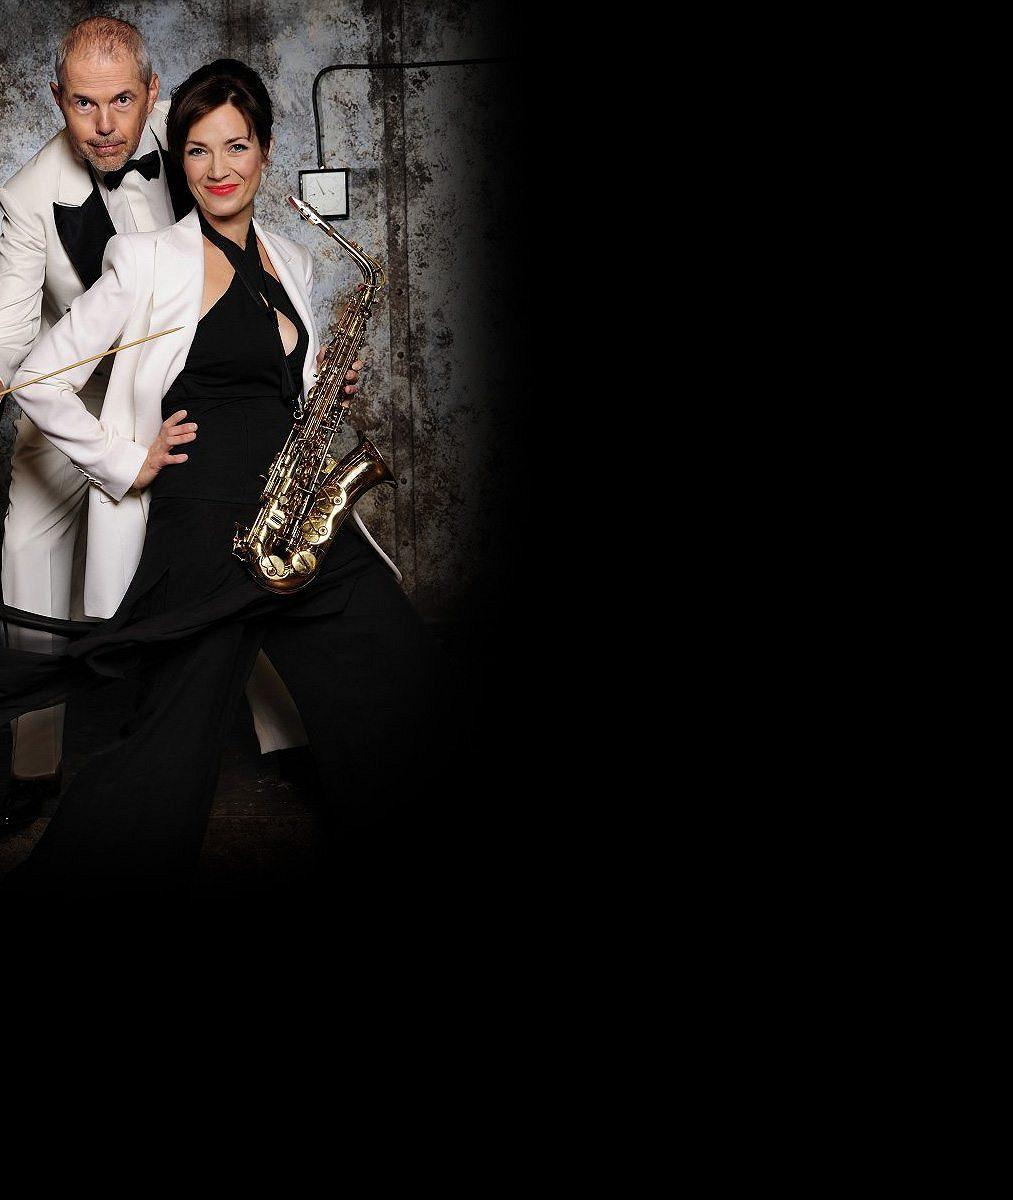 Kostková potěšila oči svého manžela: Na premiéře jeho nové divadelní hry zářila v průsvitných šatech